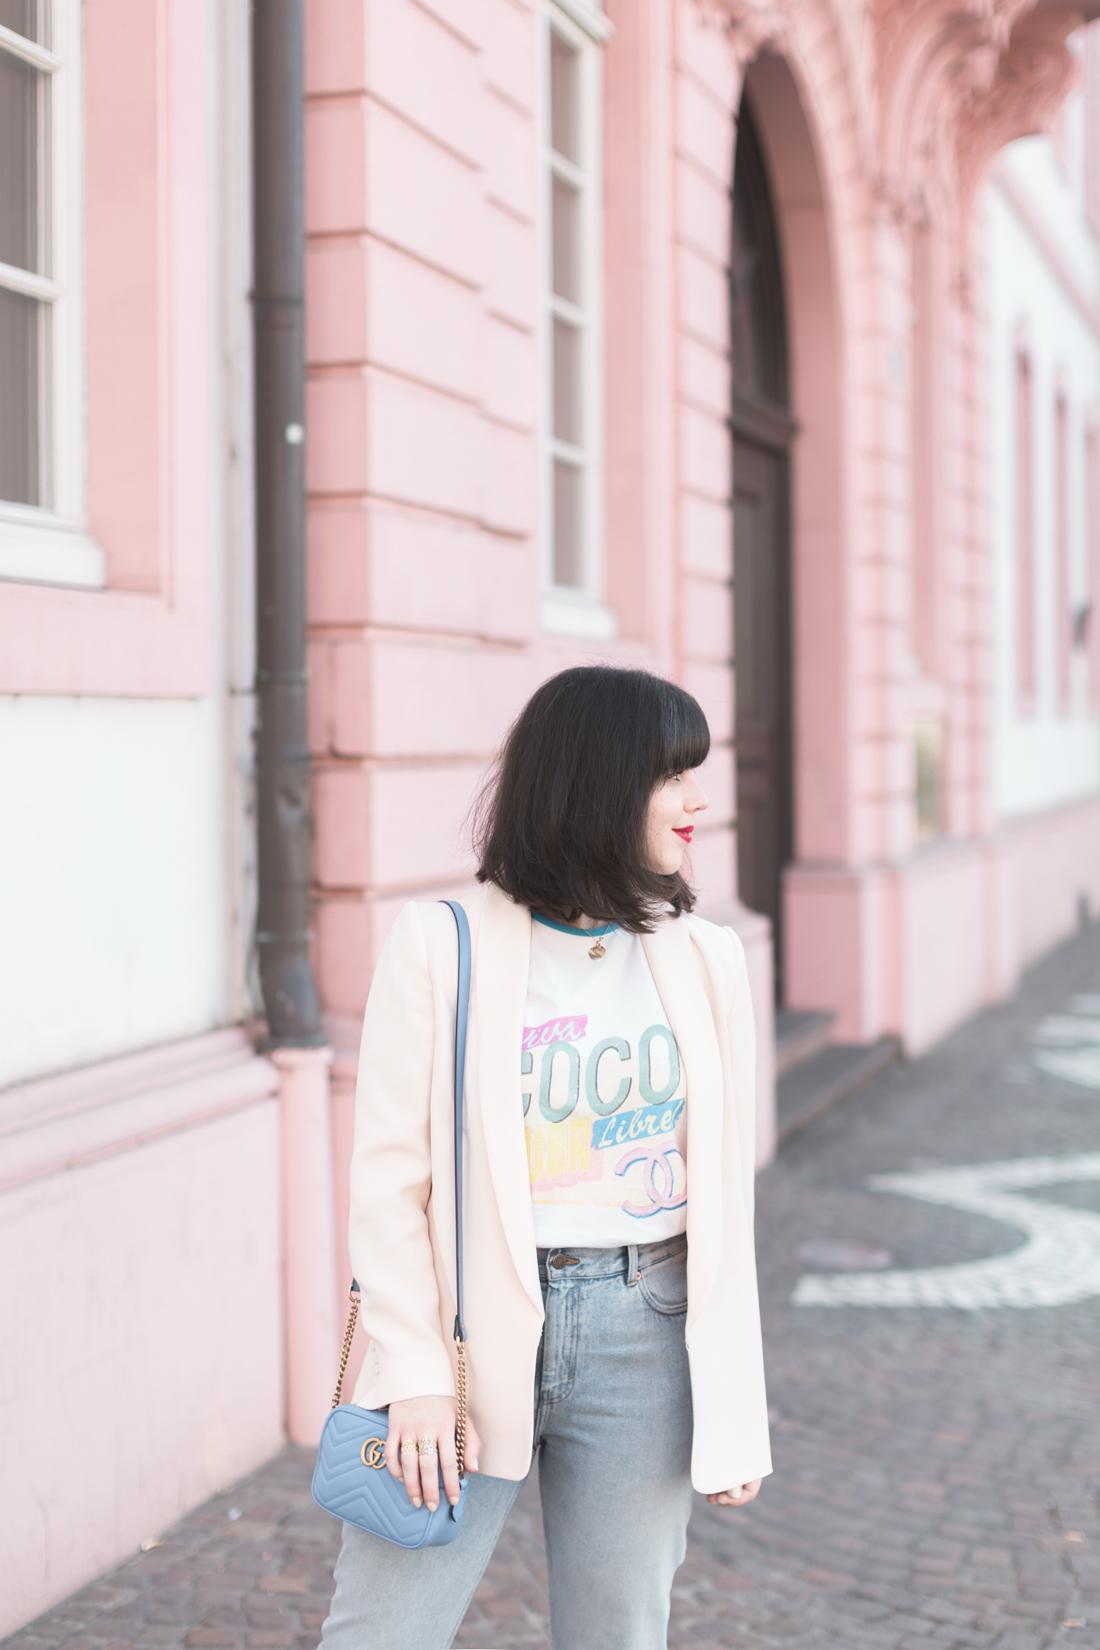 t-shirt-chanel-coco-libre-viva-cuba-croisiere-gucci-marmont-sezane_copyright_Pauline_Privez_paulinefashionblog_com-5